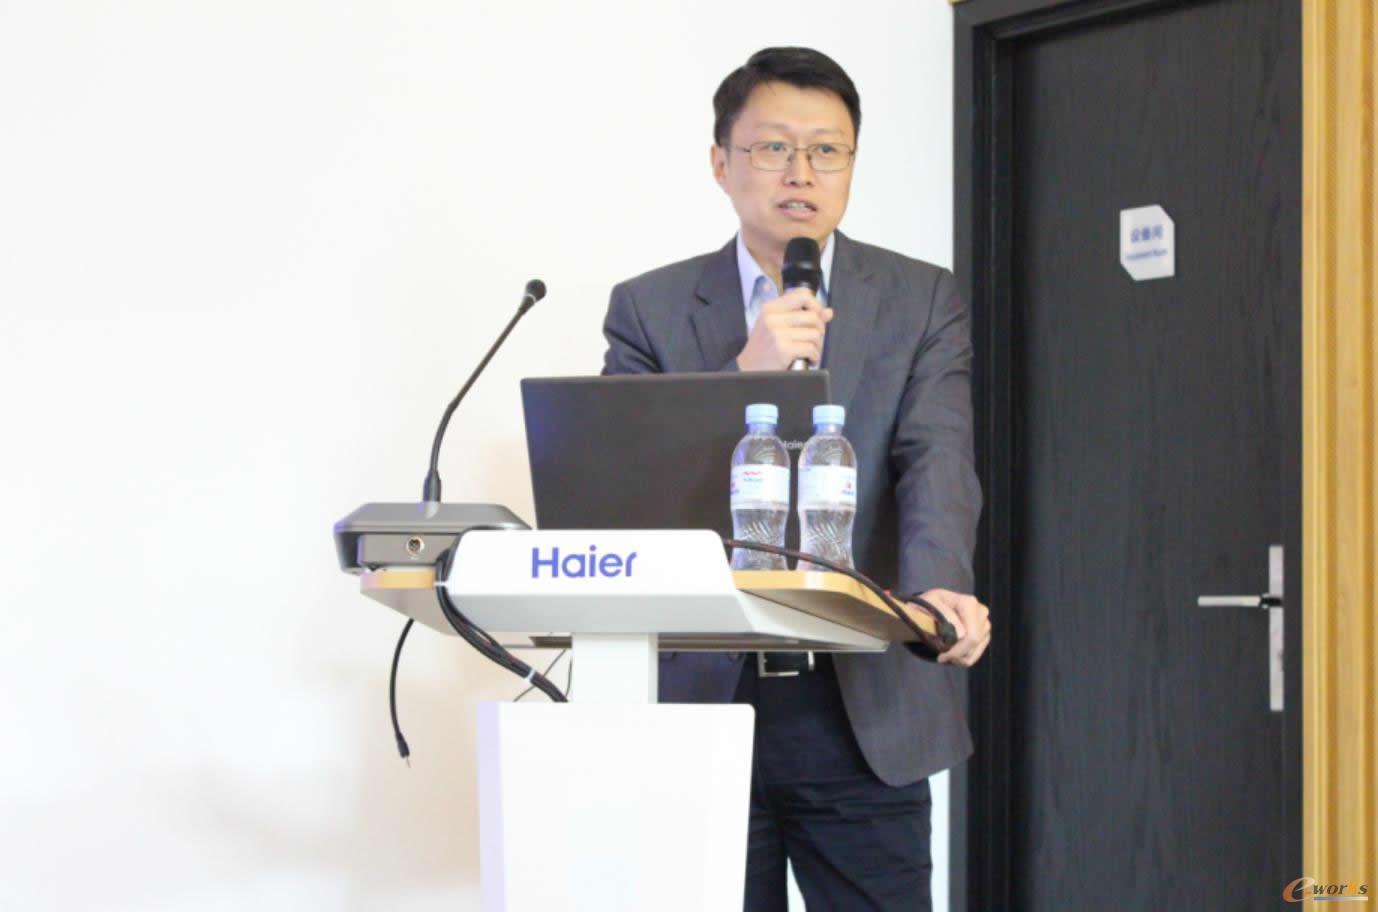 海尔家电产业集团智能制造总经理、海尔工业智能研究院执行院长张维杰